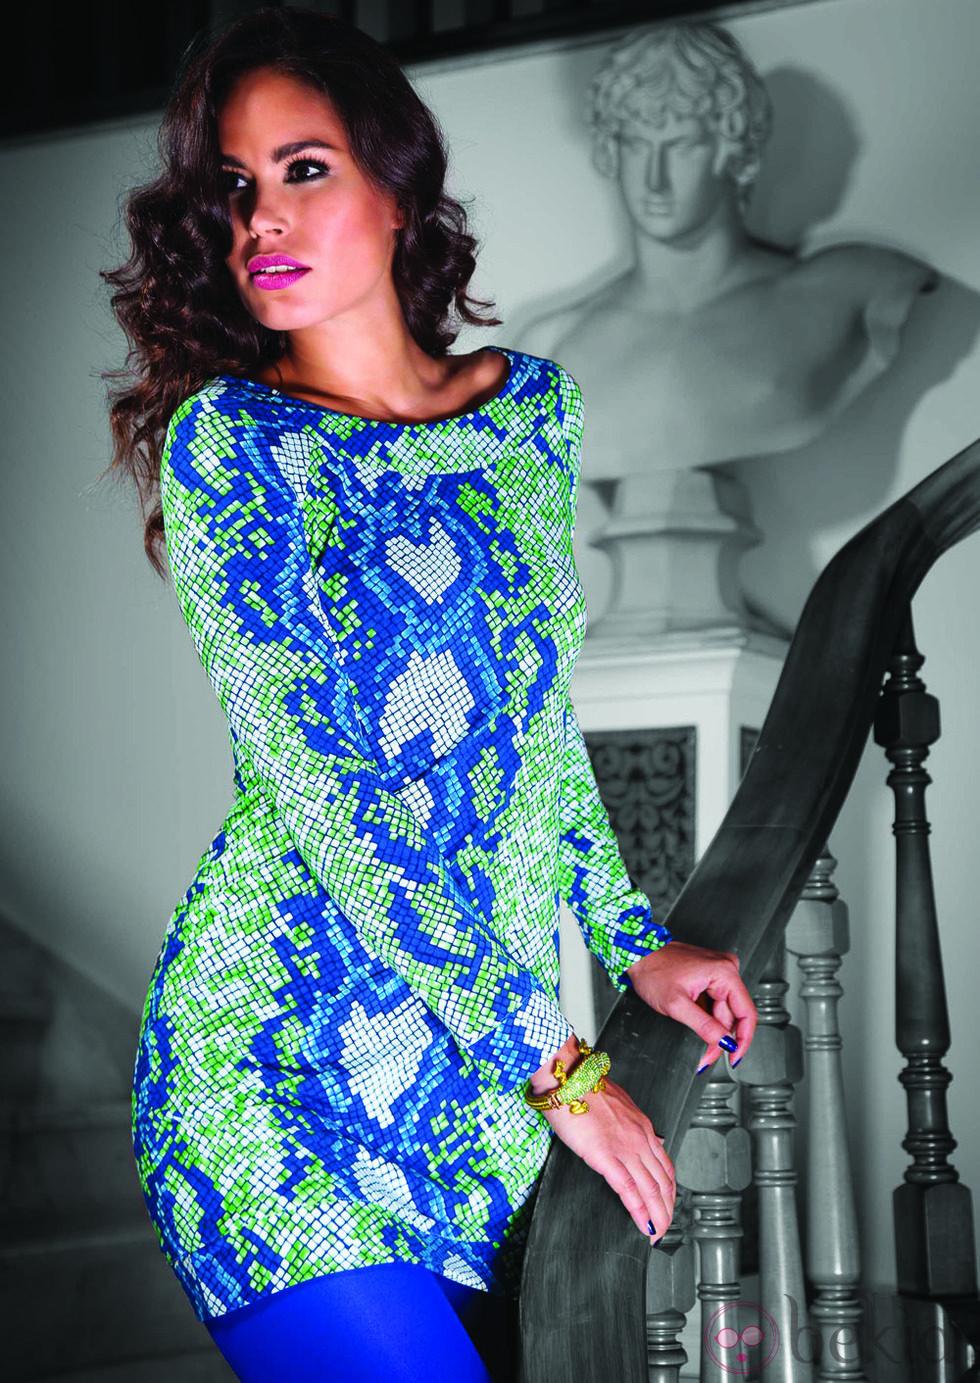 Vestido con pint de serpiente en tonos azul y verde de Barbarella otoño/invierno 2012/2013